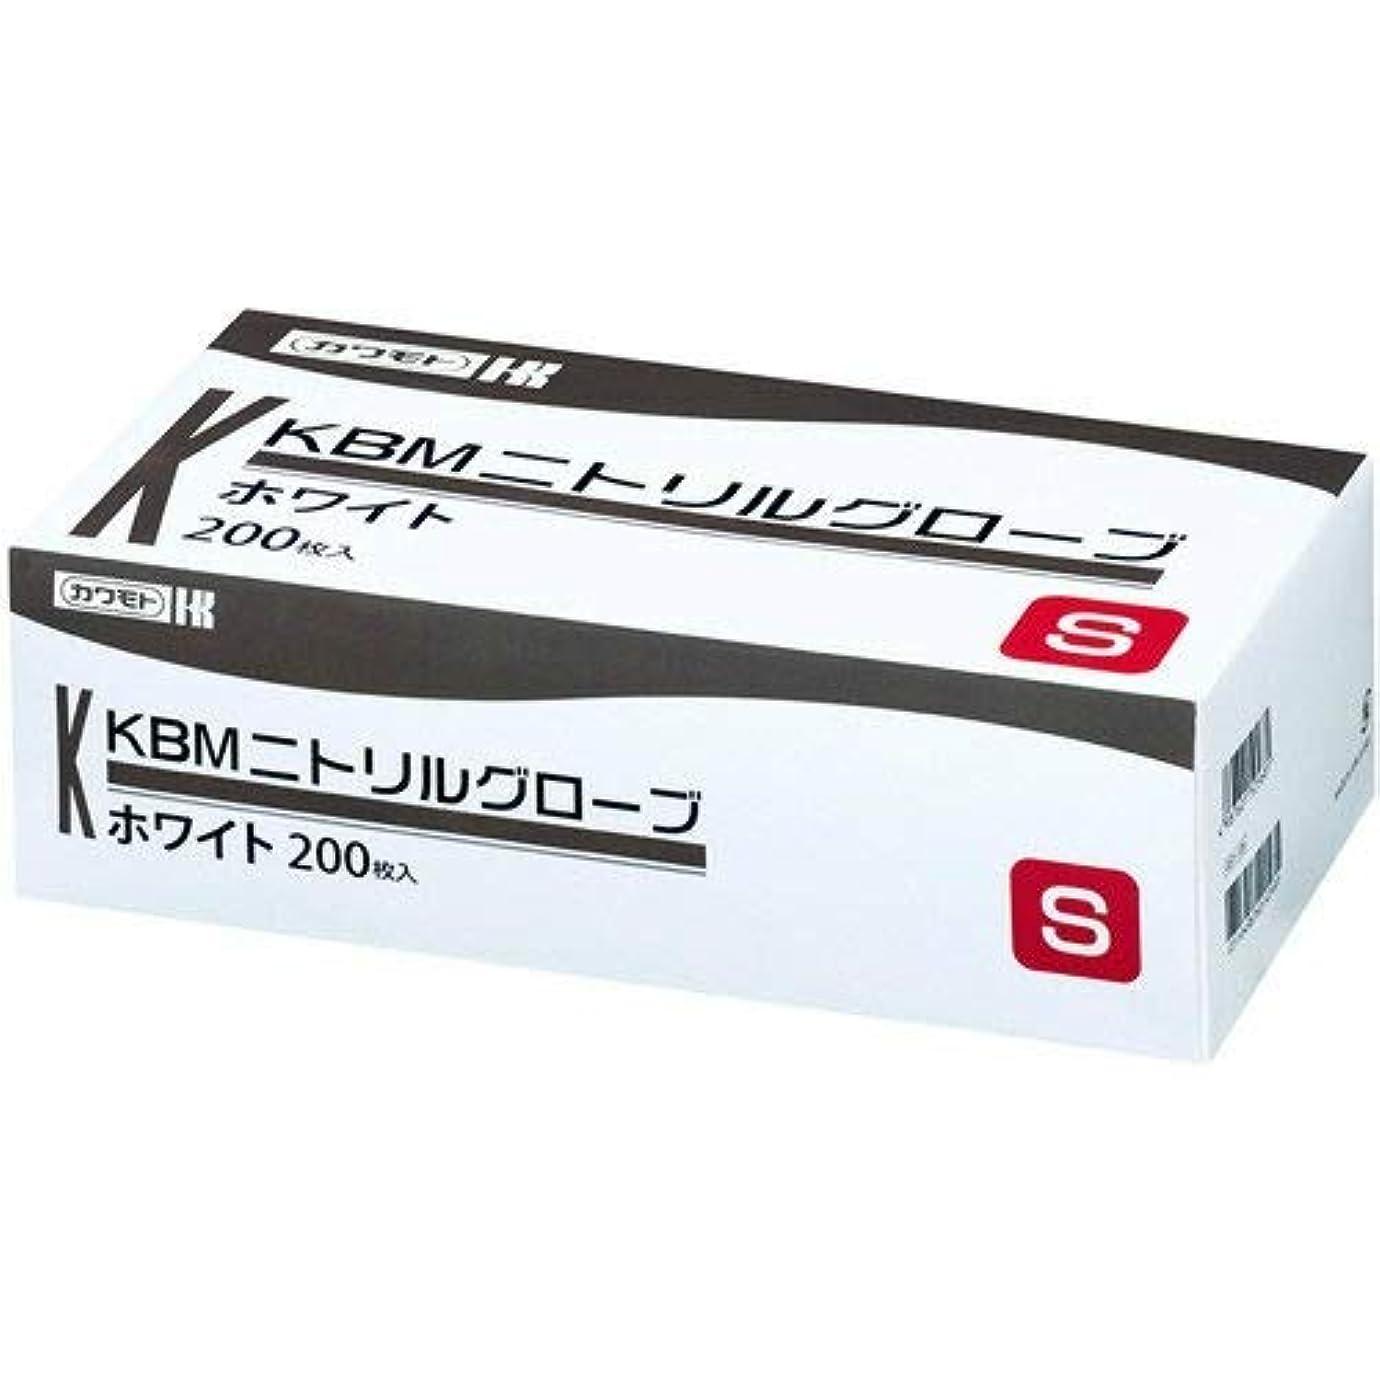 不十分な取り消すセラー川本産業 カワモト ニトリルグローブ ホワイト S 200枚入